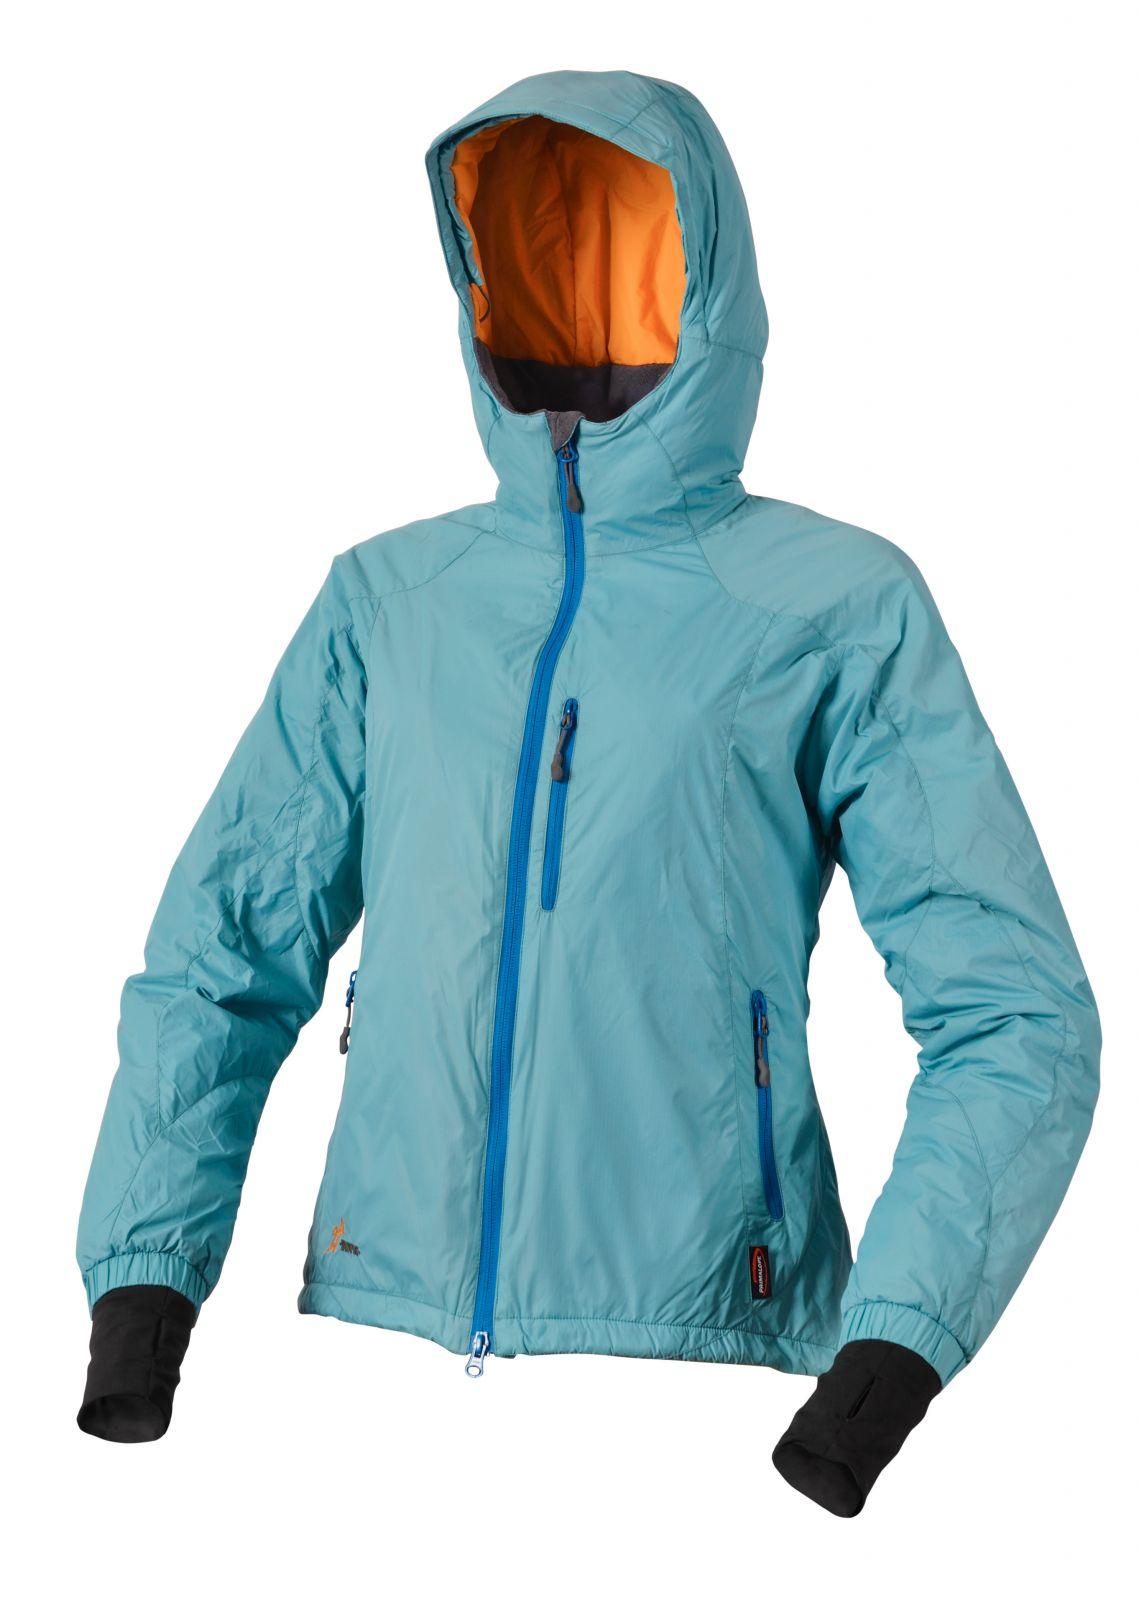 Warmpeace Breeze lady river blue dámské ultralehká zimní bunda